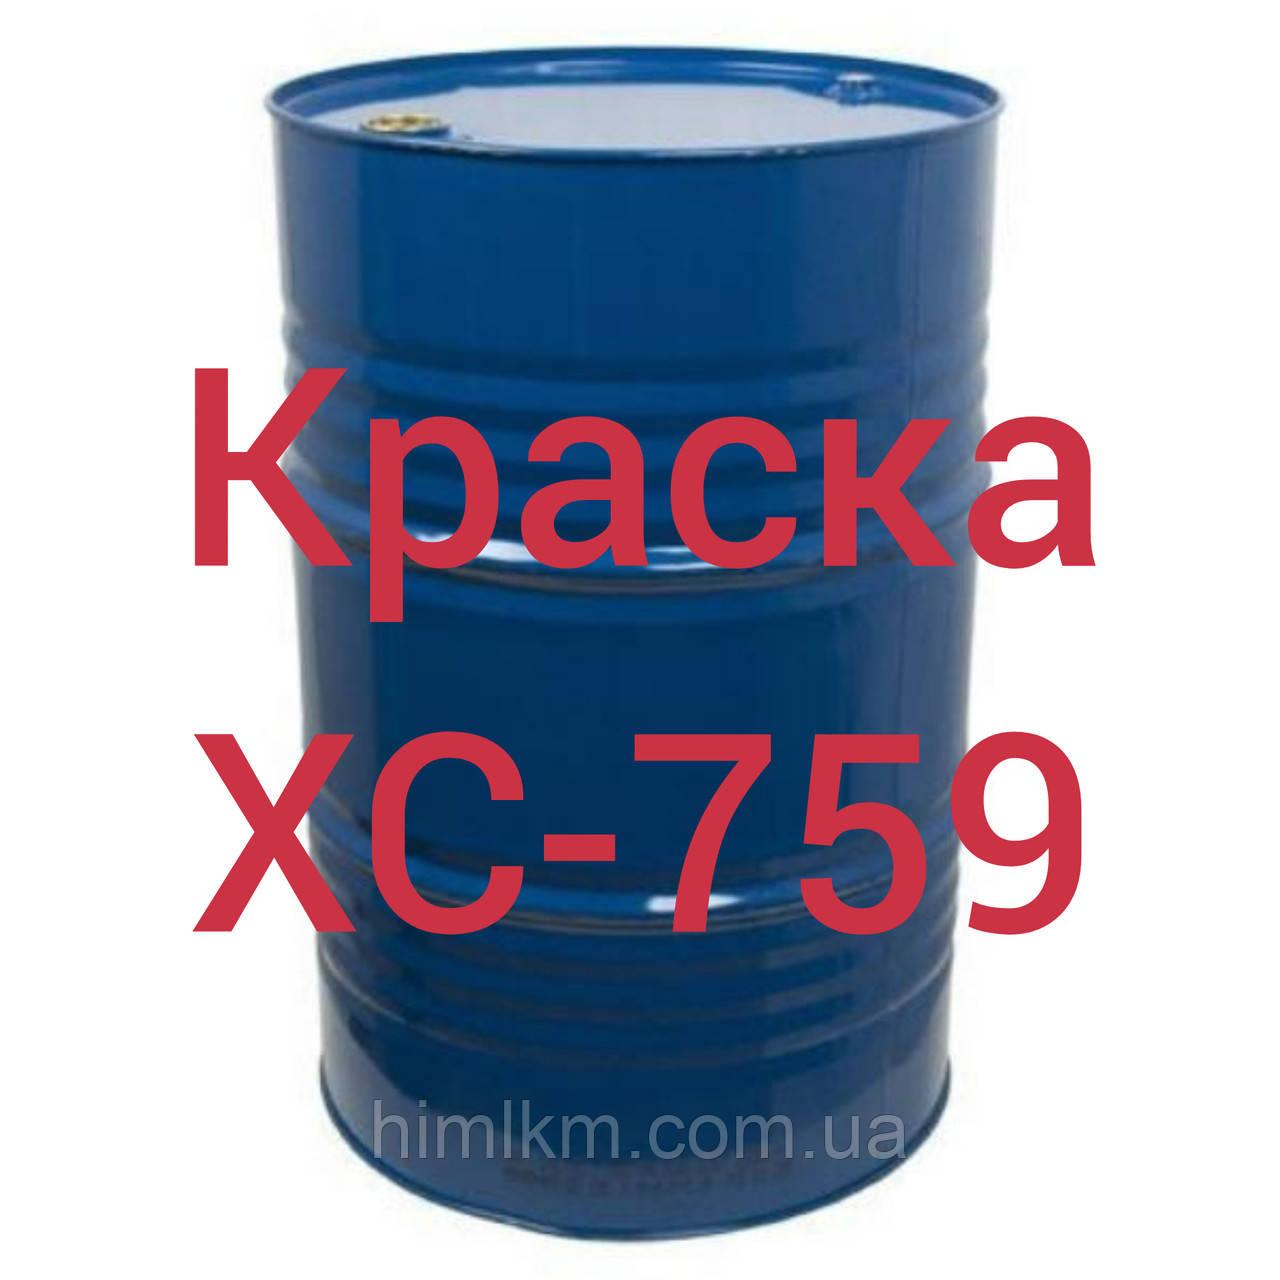 ХС-759 Эмаль для получения химически стойкого лакокрасочного покрытия